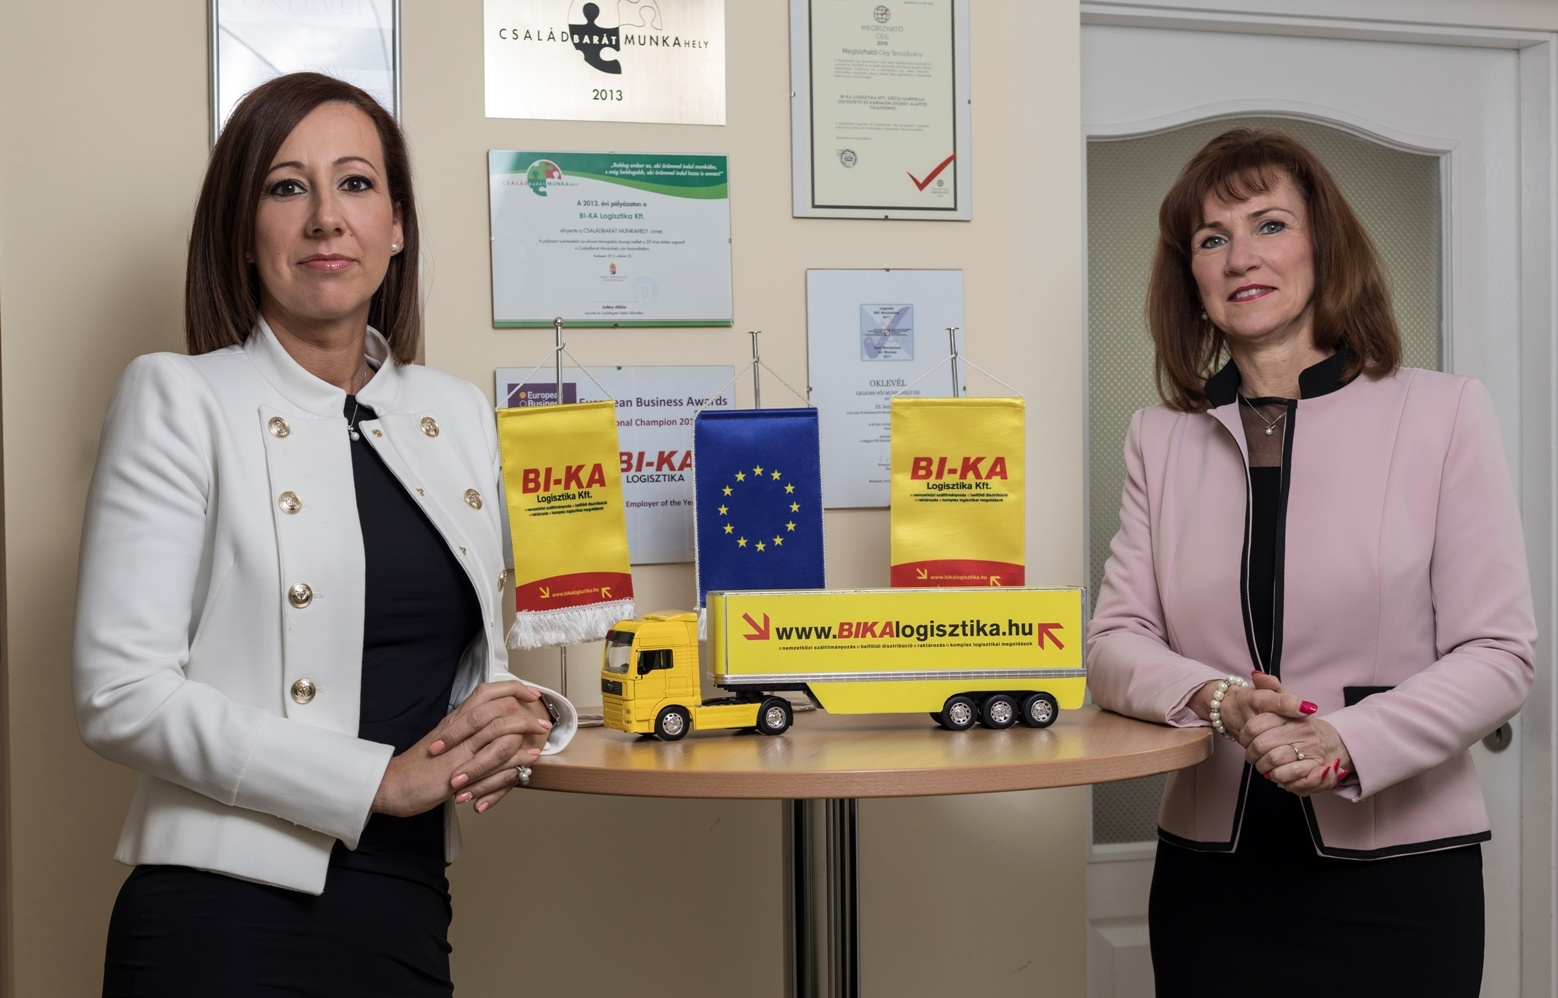 Közép- és kelet-európai babérokra tör a BI-KA